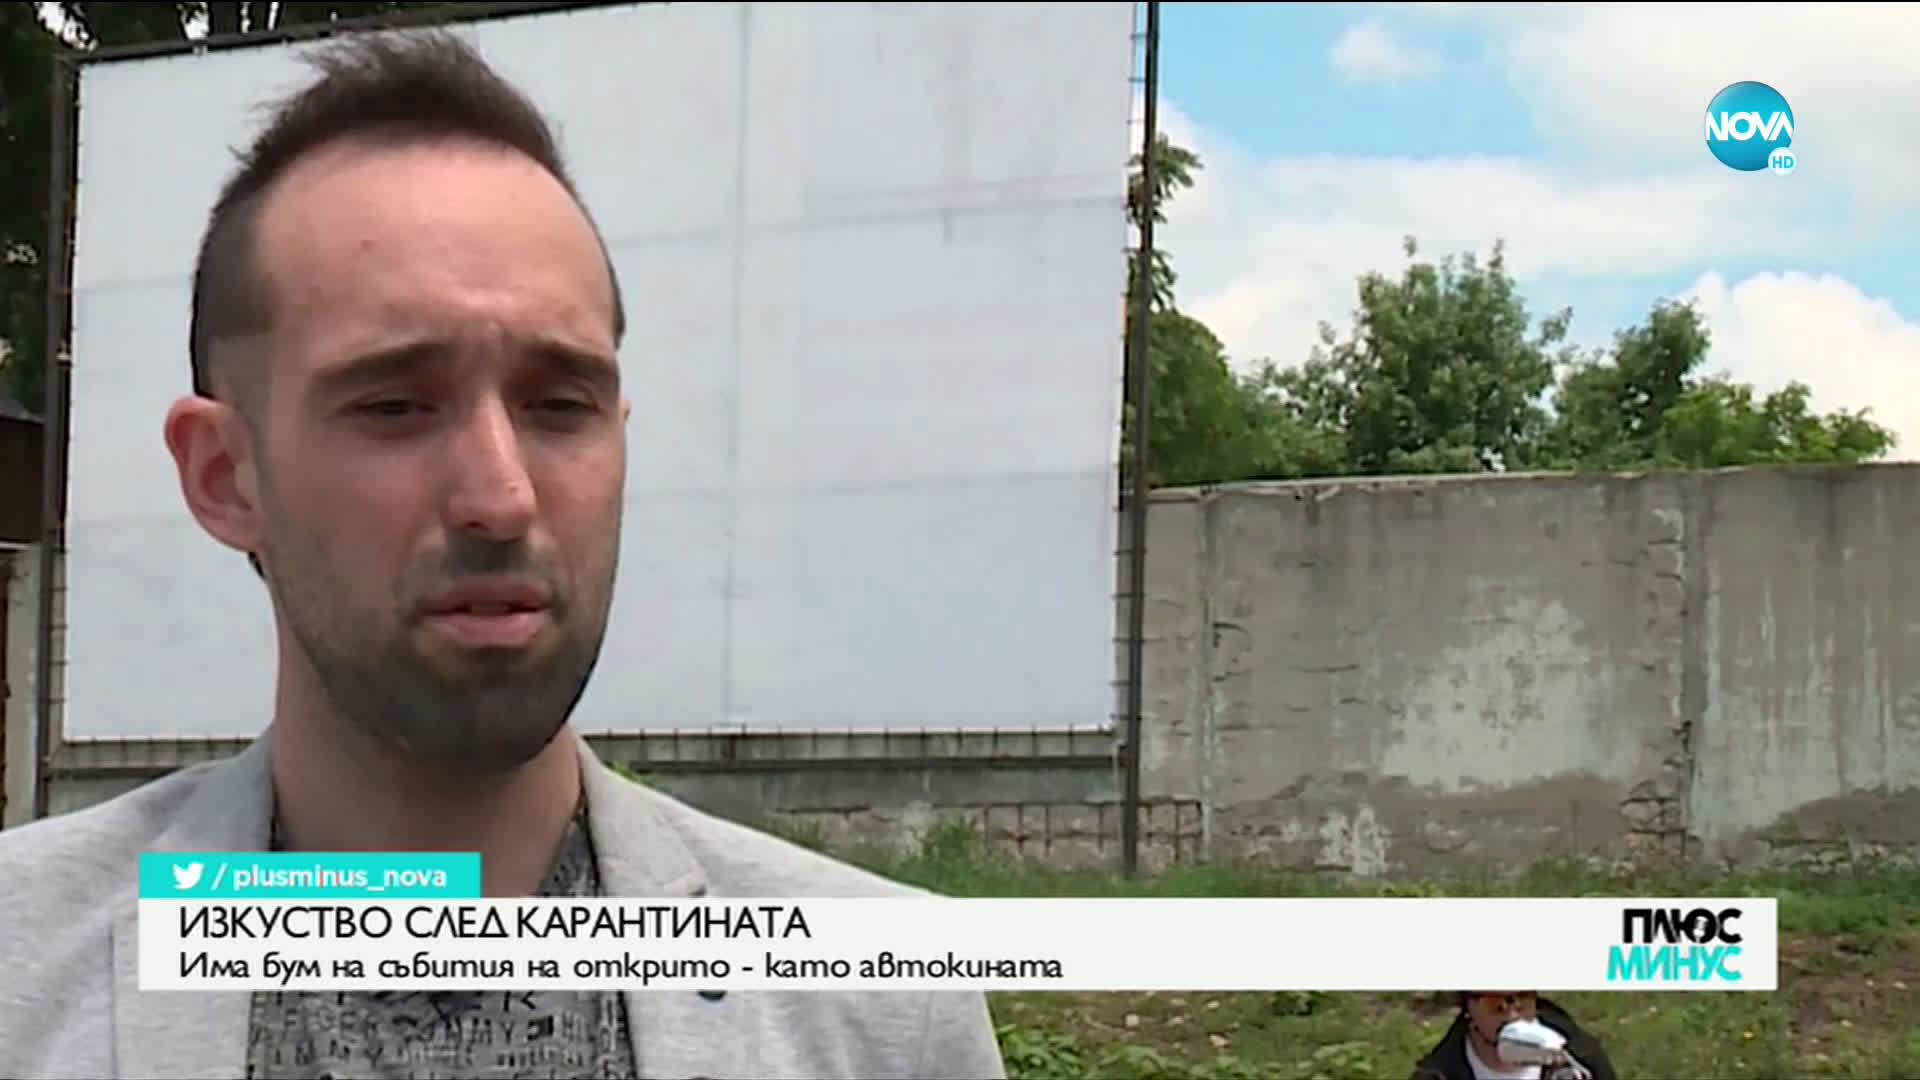 Първото мотокино в Европа е в София